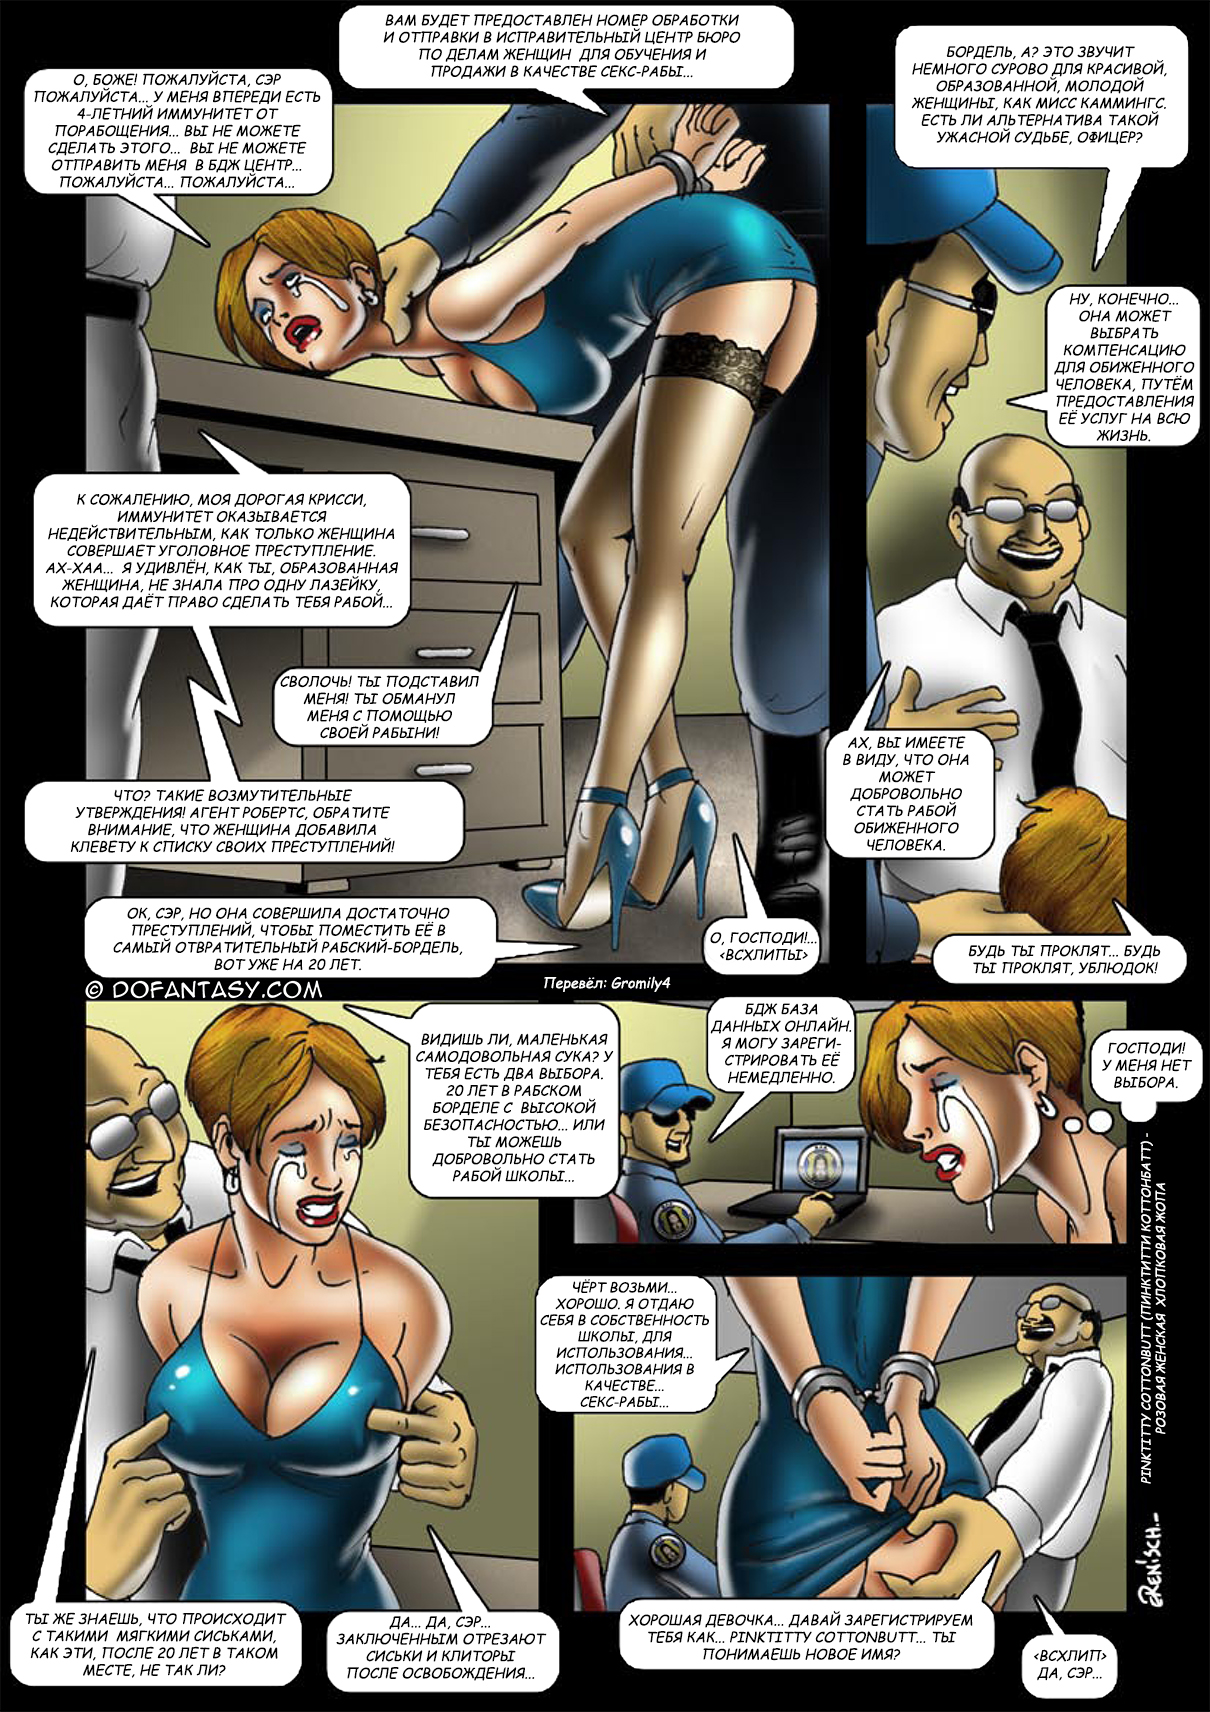 освобождены девушки из секс рабства-цф2